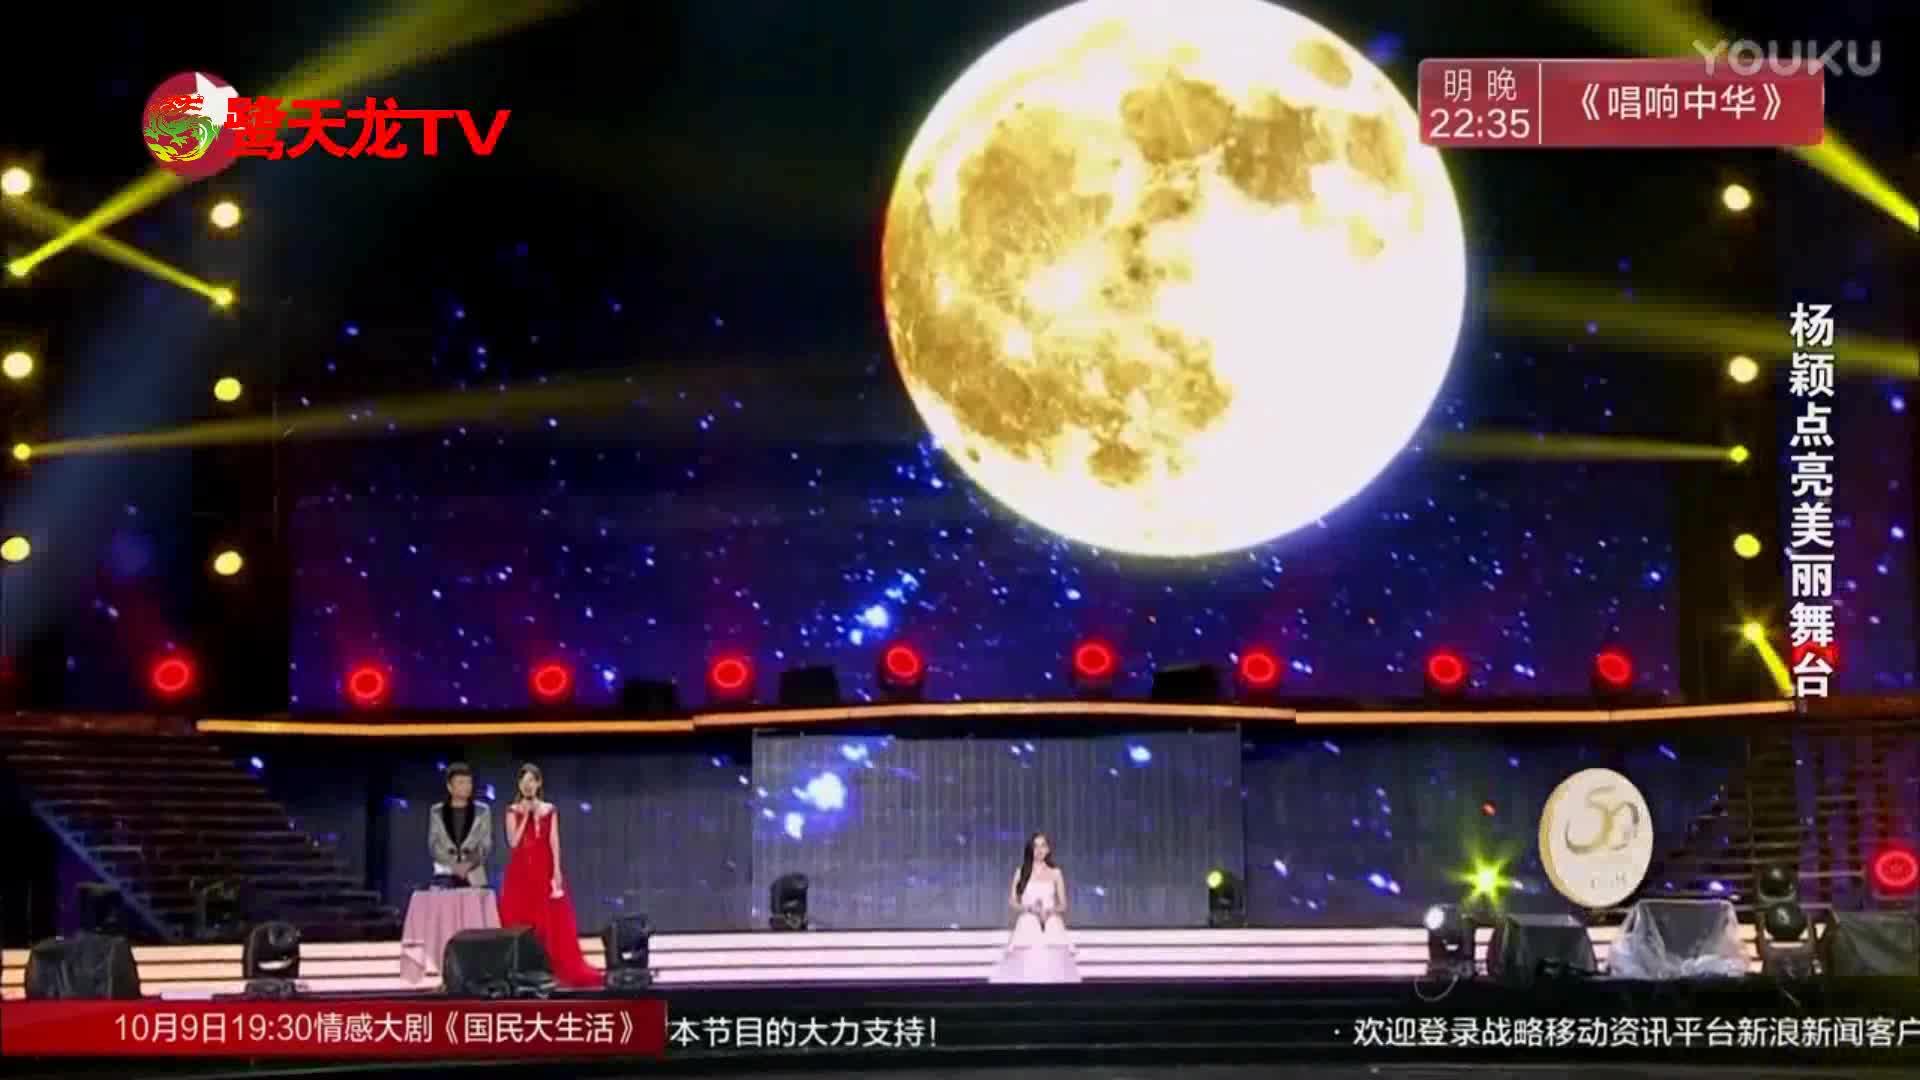 2017东方卫视中秋晚会杨颖点亮美丽舞台